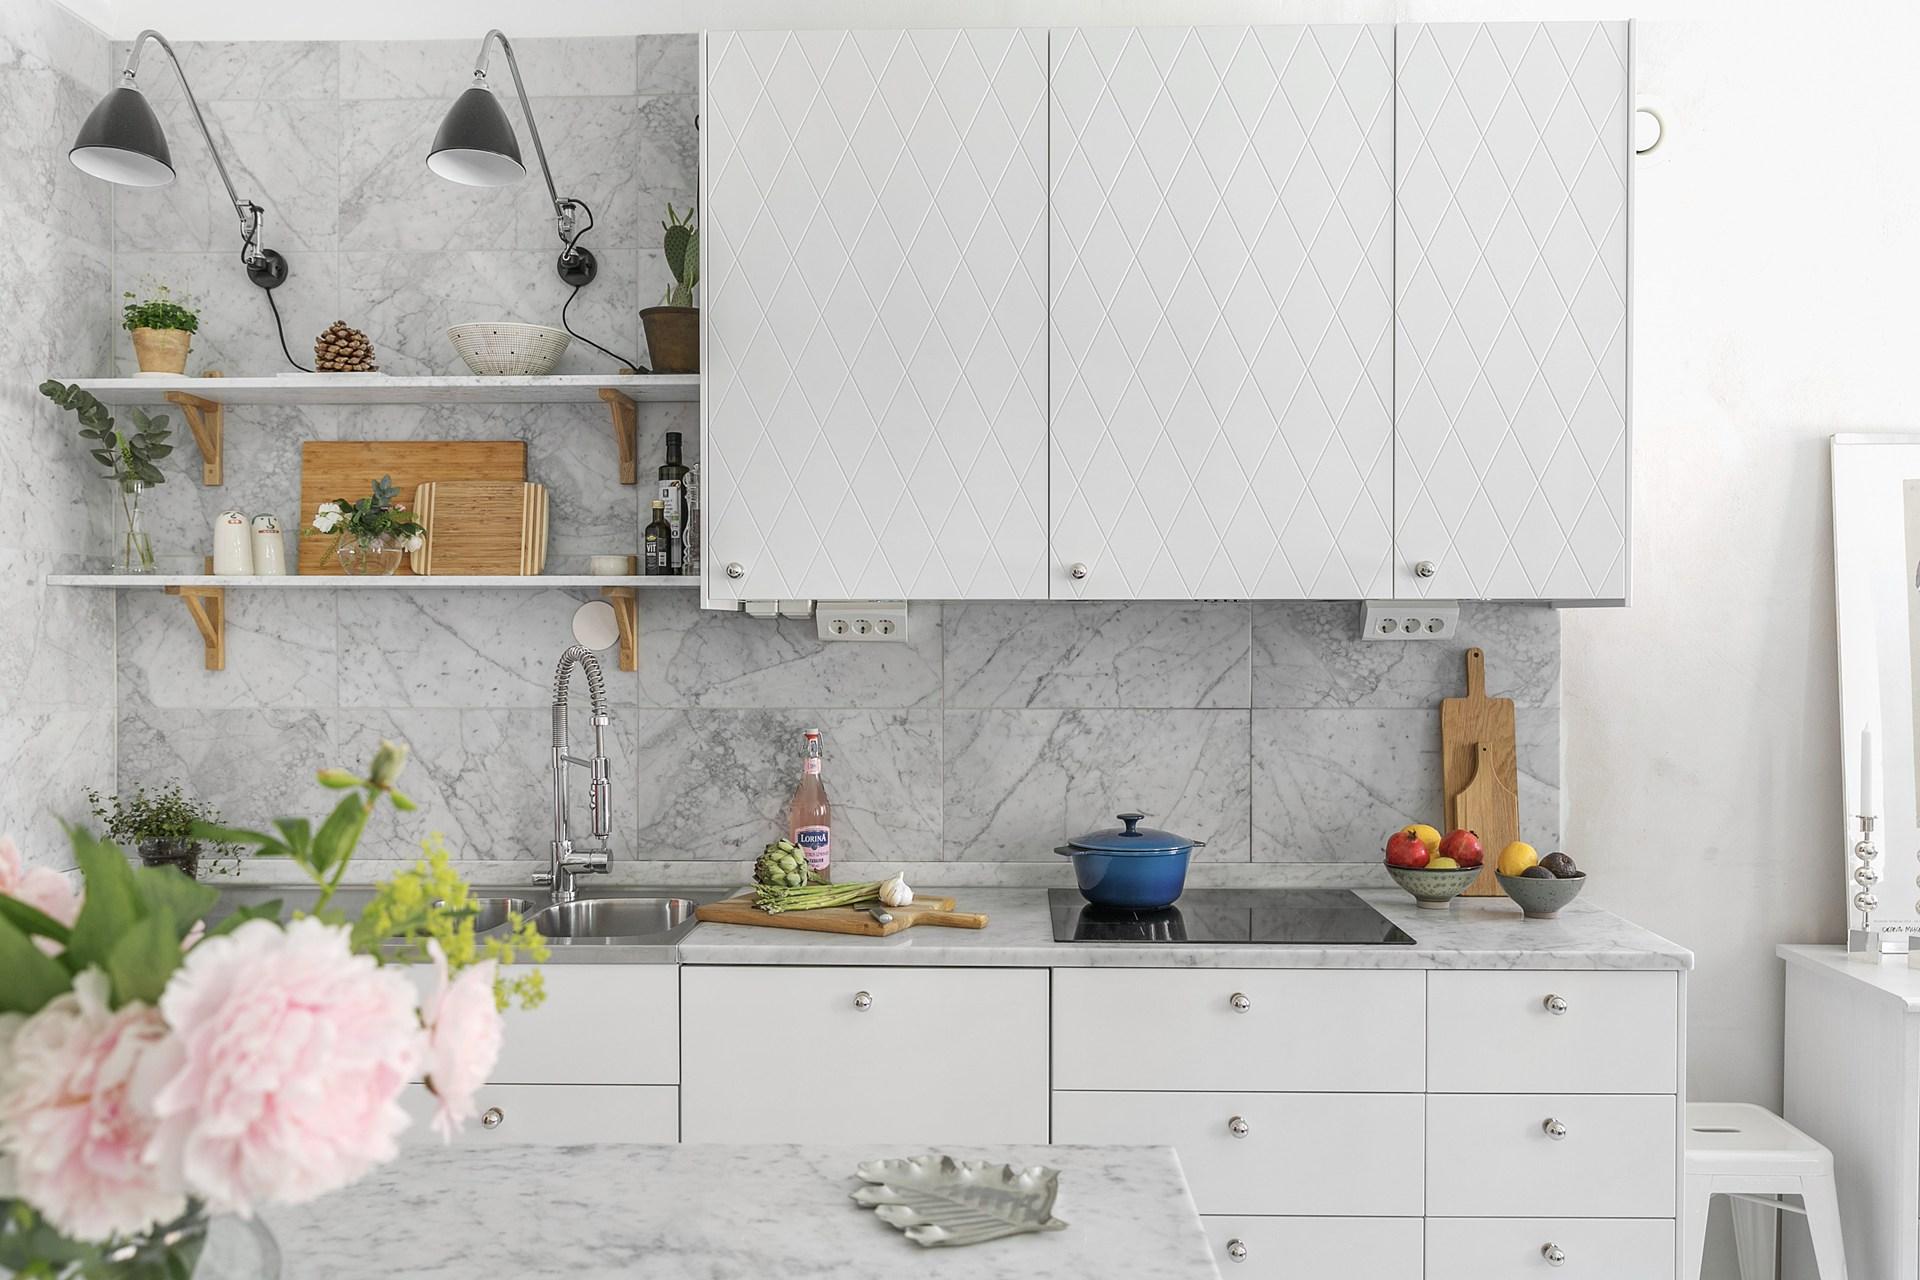 кухня столешница фартук мрамор плита встроенная вытяжка мойка смеситель полки